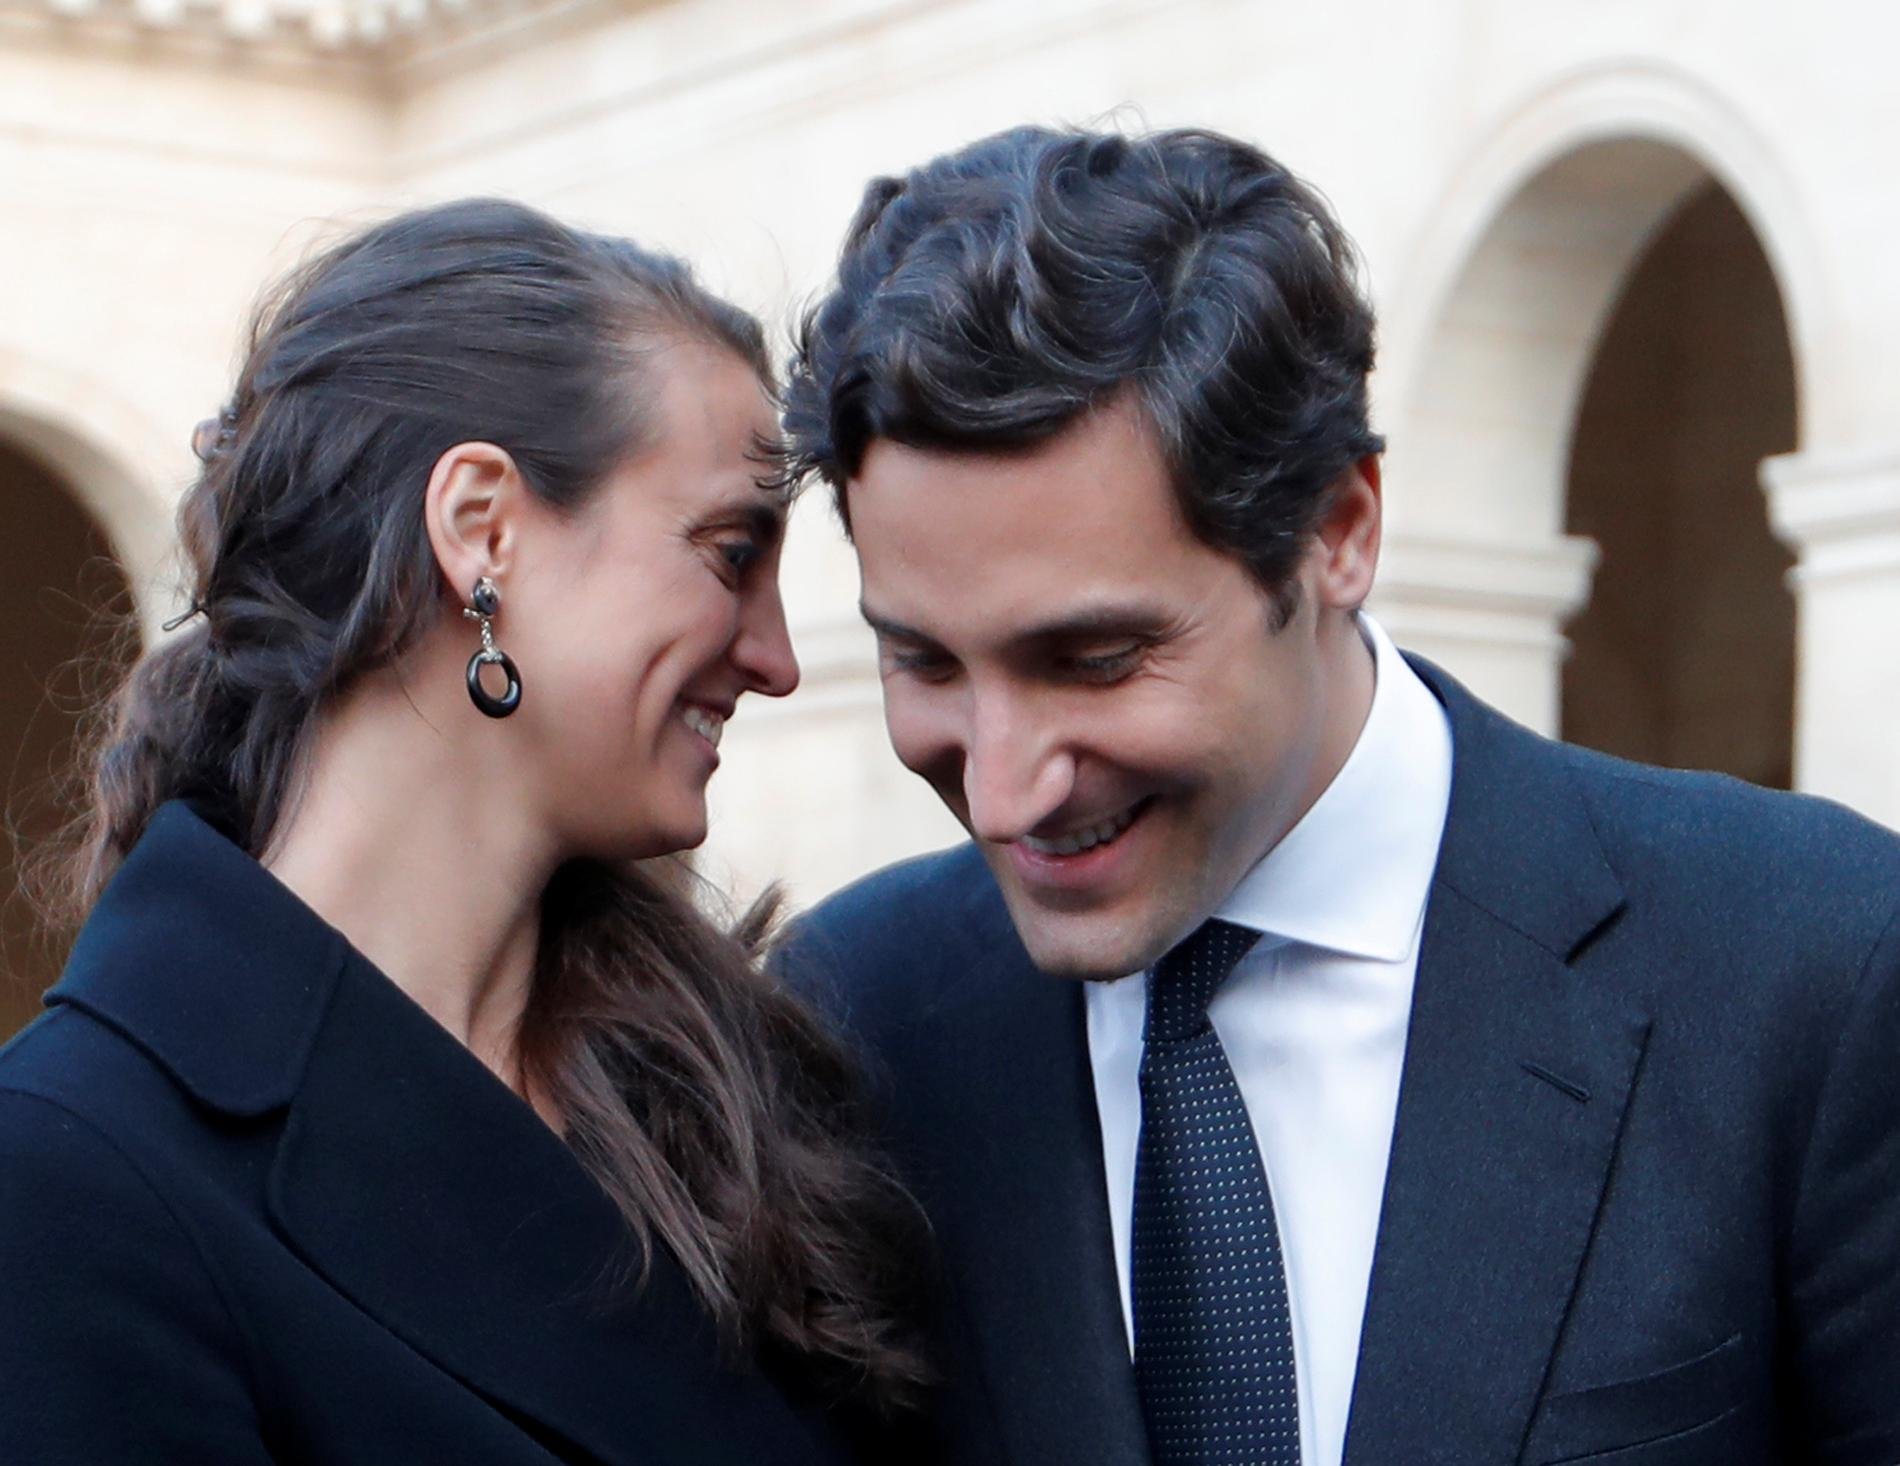 L'héritier de Napoléon Bonaparte et la descendante de Marie-Louise d'Autriche vont se marier